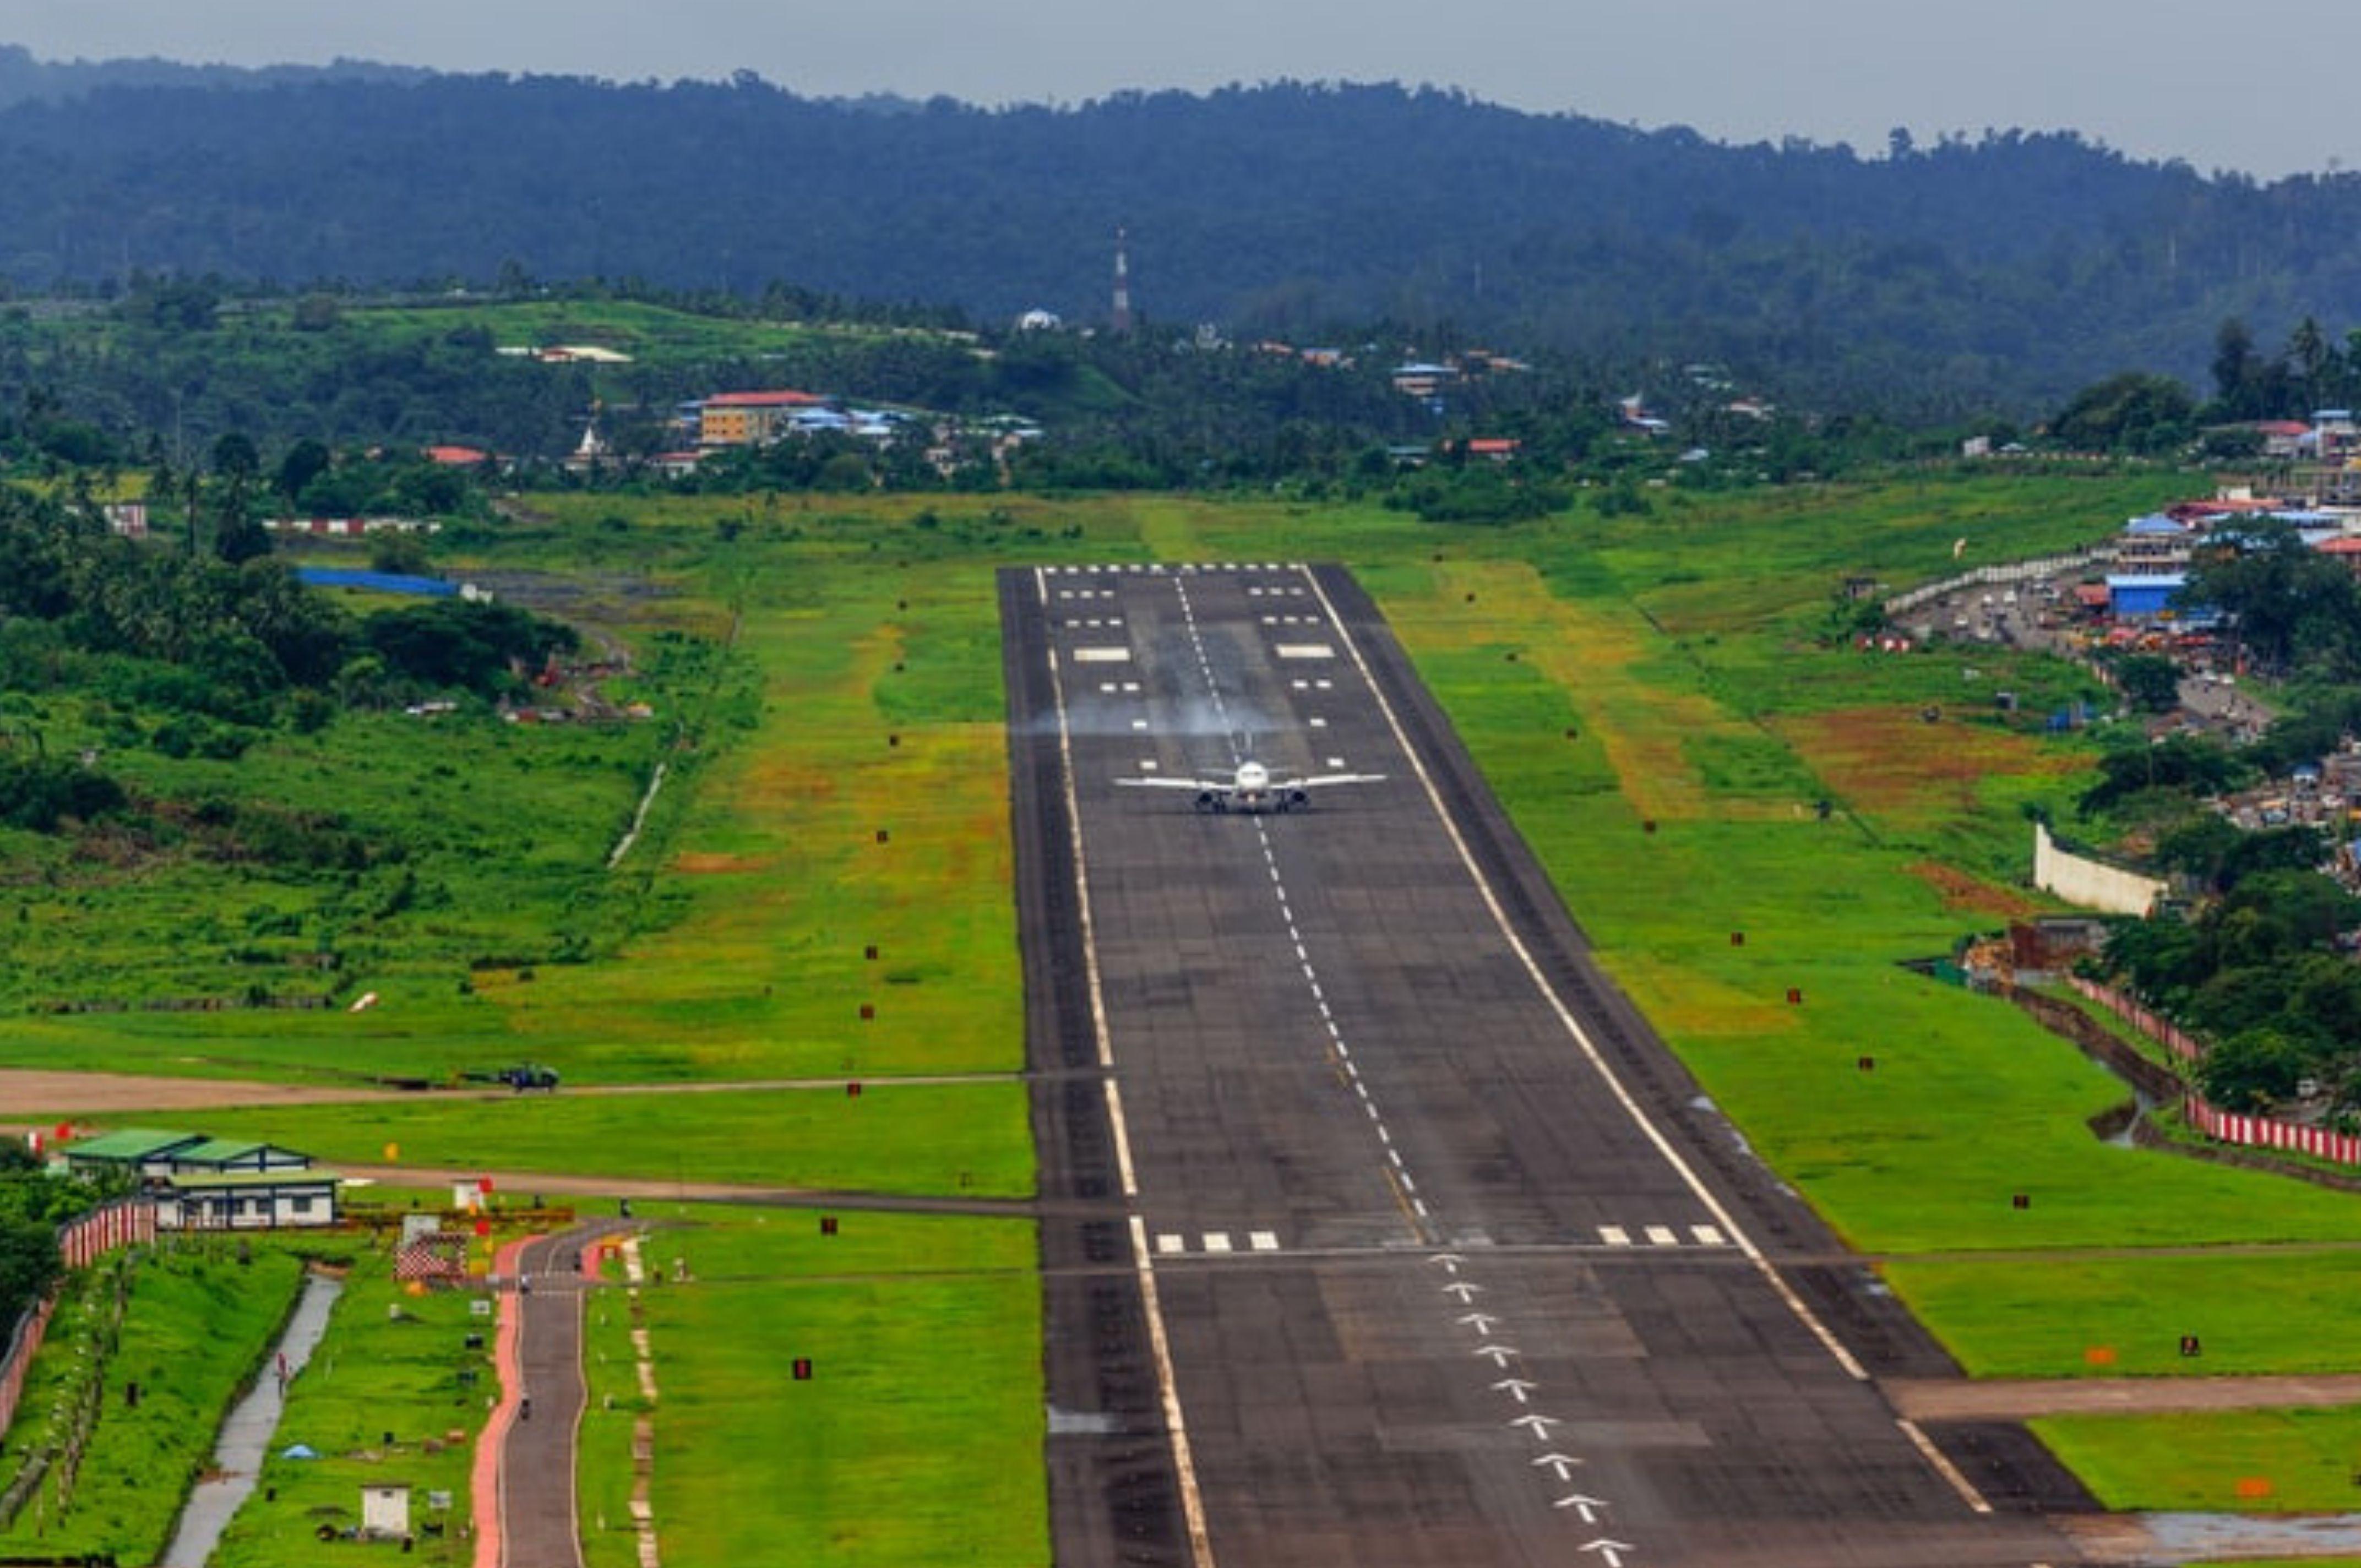 Flight Landing on a Runway